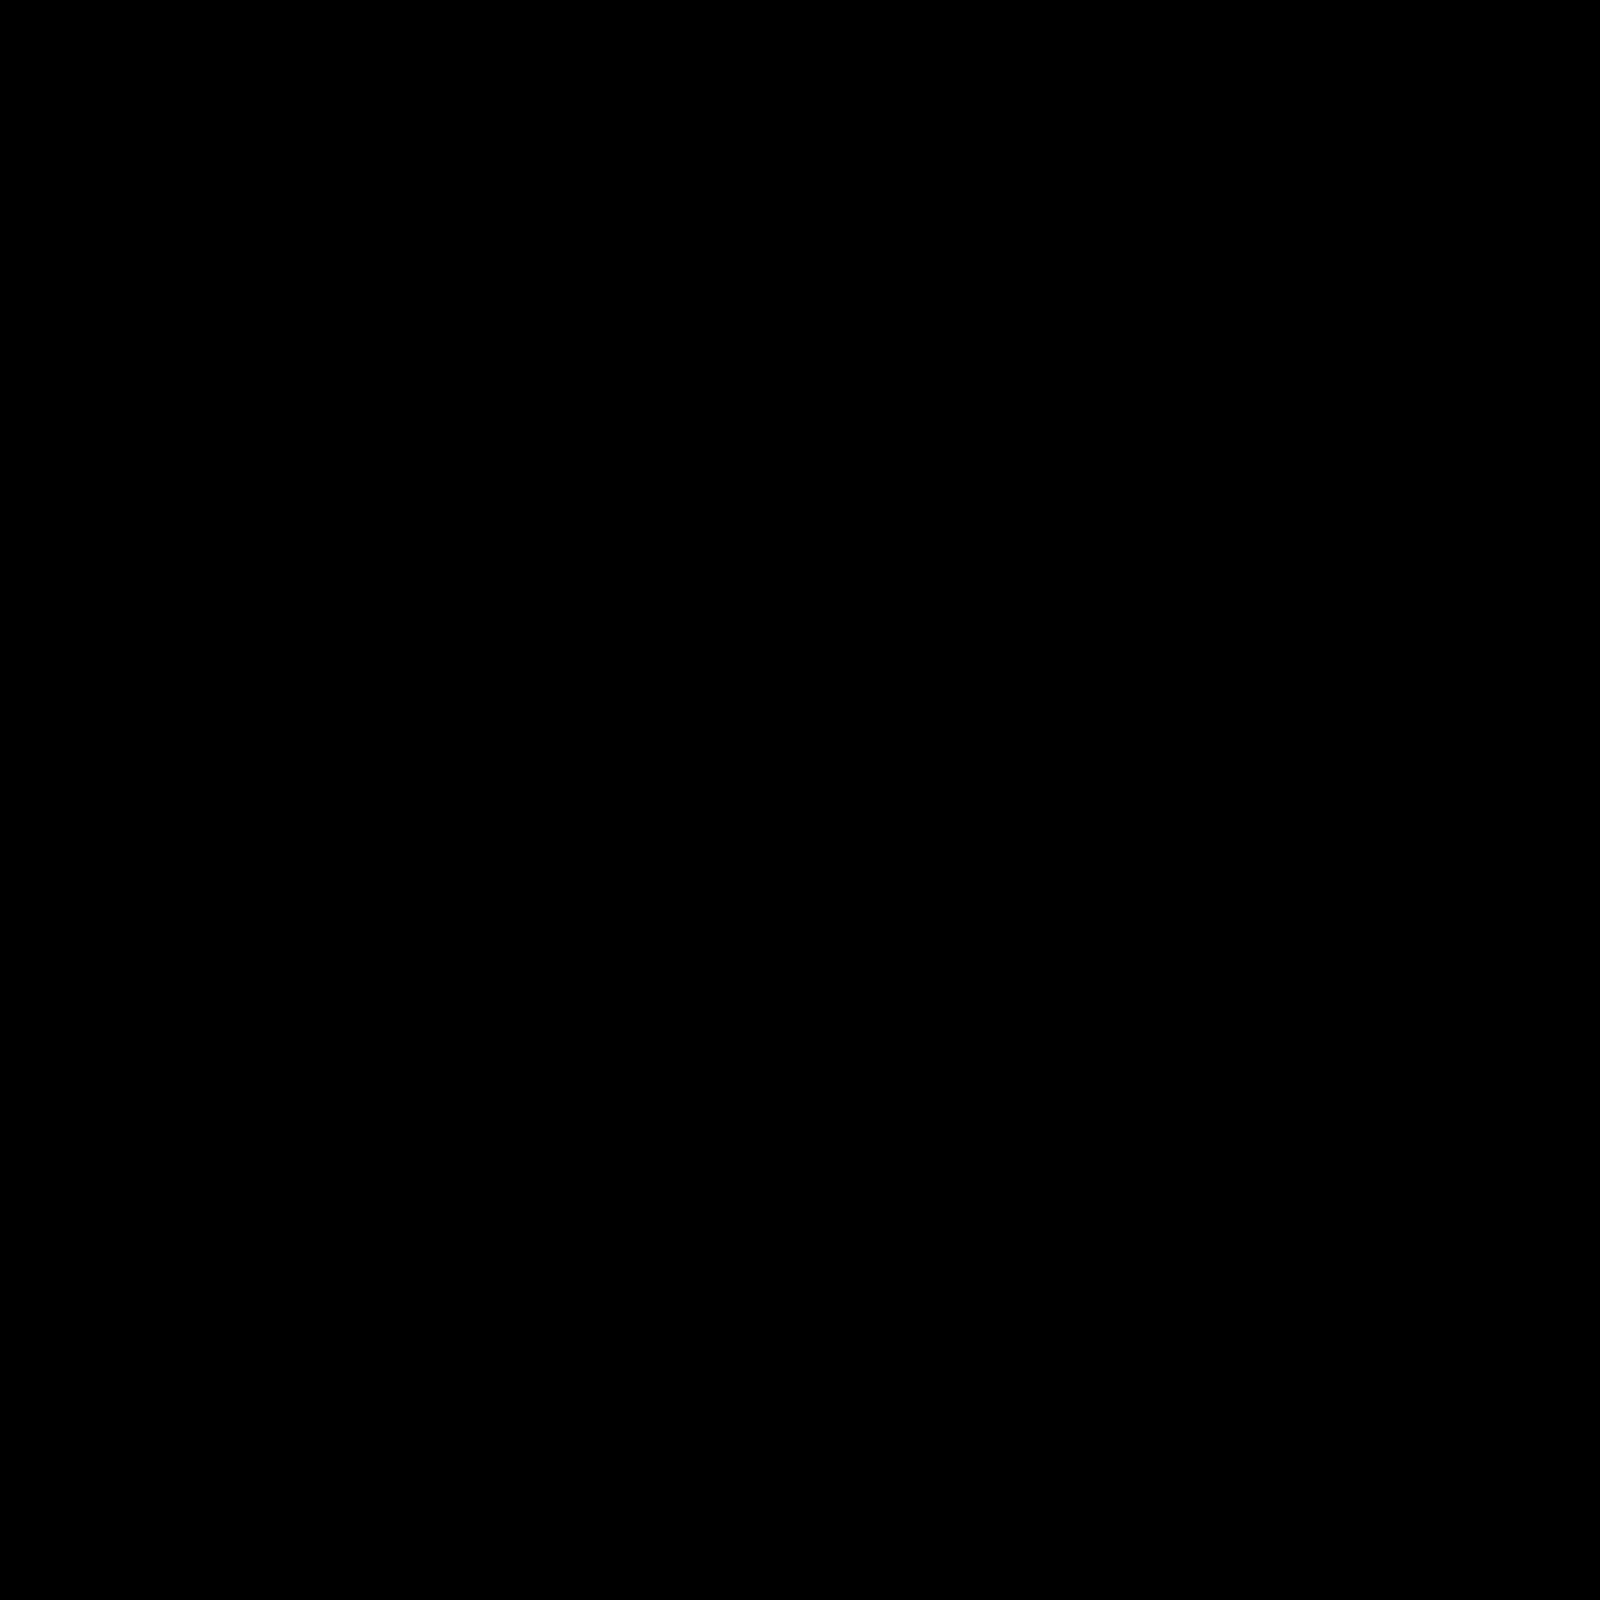 犬のお皿 icon. This icon describes a dog bowl. It is a round object with a dip in the center. The dip is the part that is holding the food. The front of the bowl has a small bone on it.